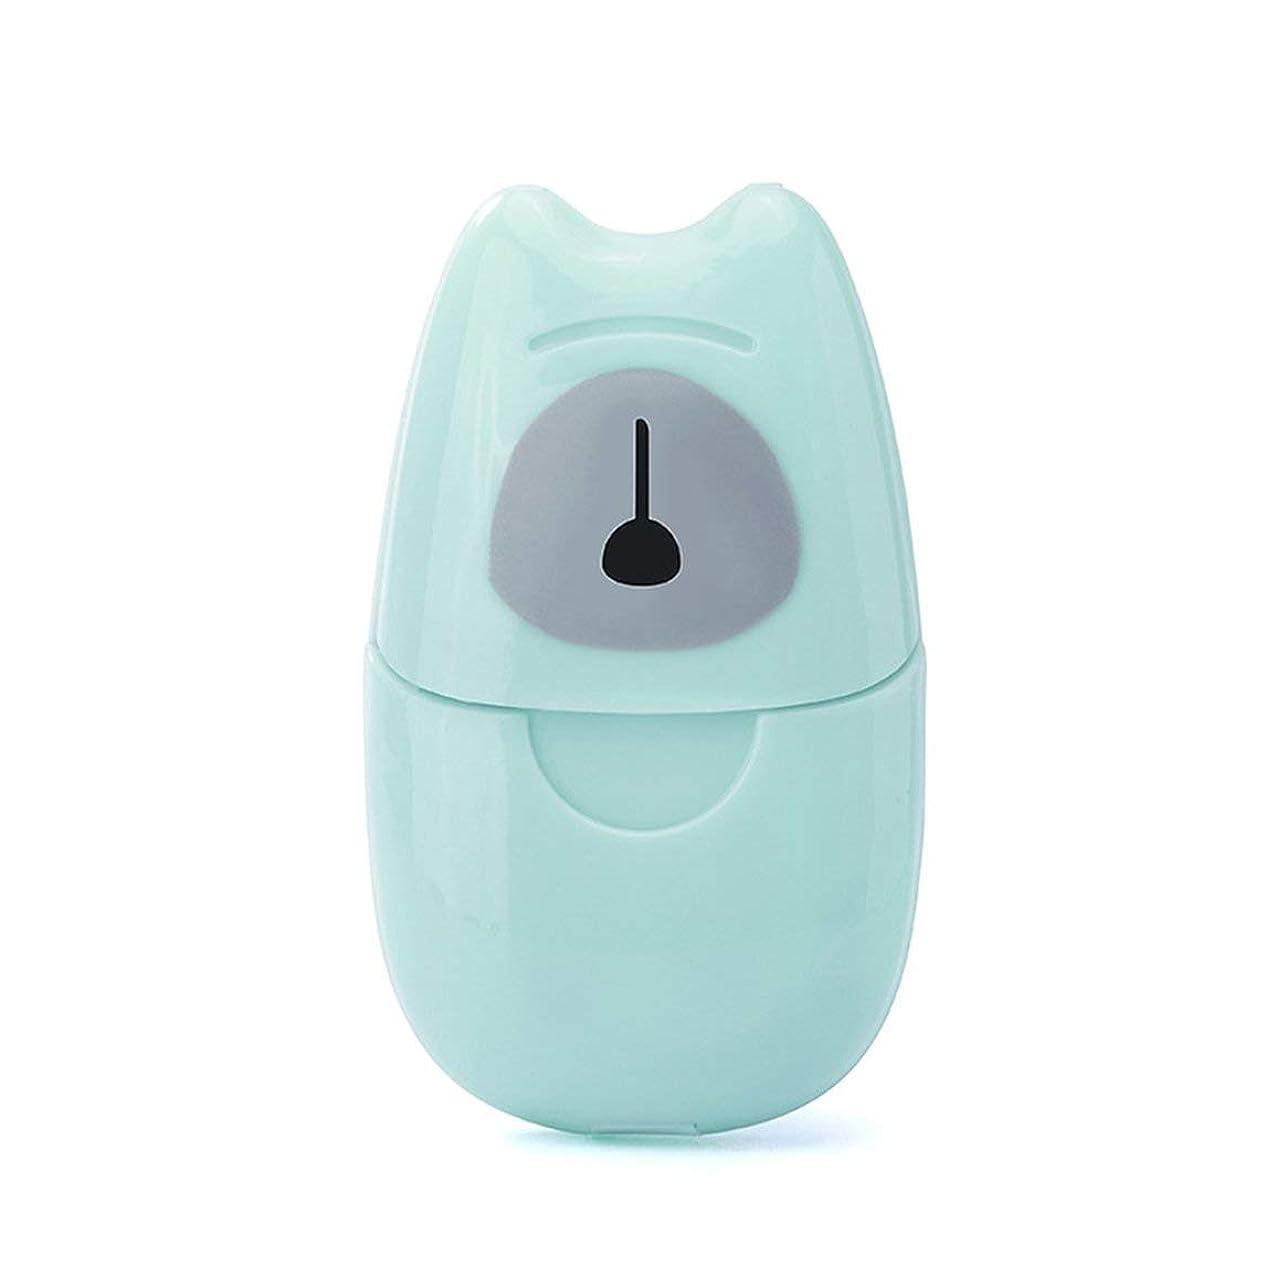 芝生甘美な避けられない箱入り石鹸紙旅行ポータブルアウトドア手洗い石鹸香りスライスシート50ピースミニ石鹸紙でプラスチックボックス - グリーン